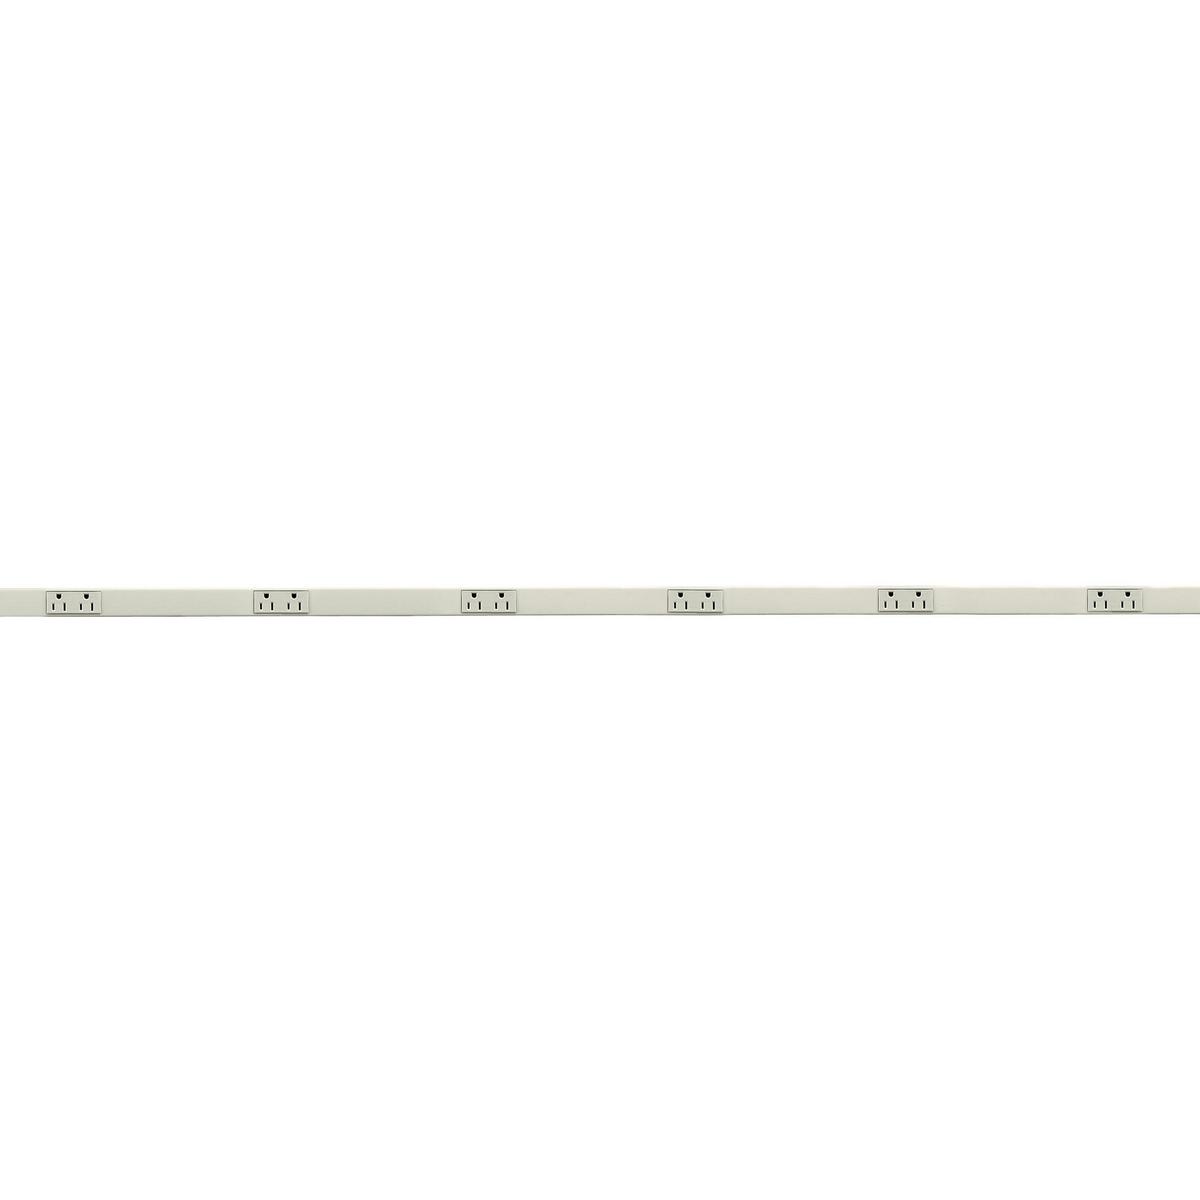 PREMISE WIRINGHBL20GBA612IV